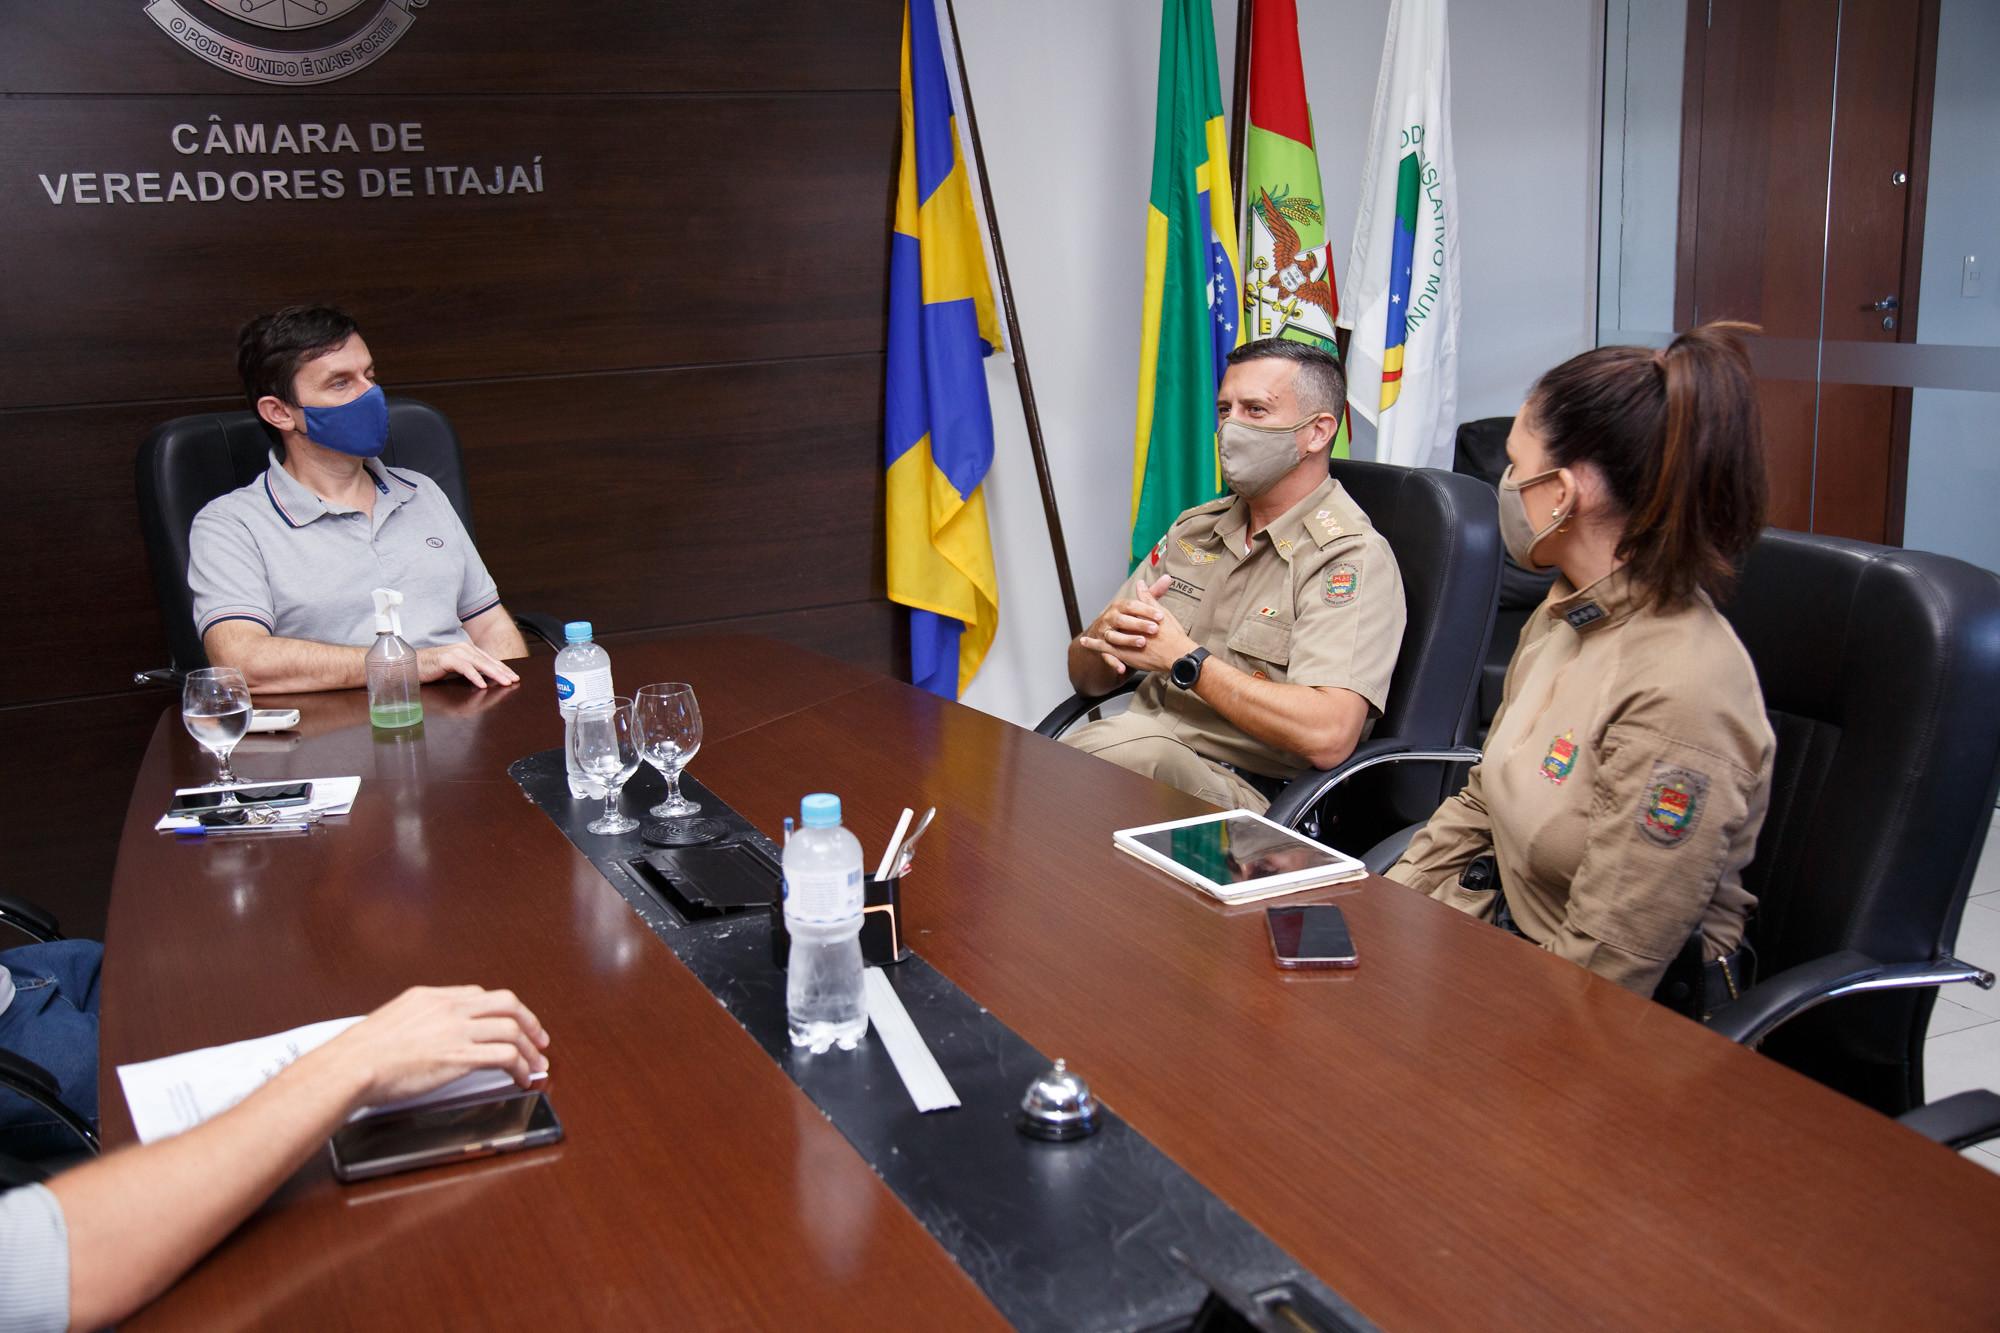 Câmara de Veradores: Presidência recebe novo comandante da PM em Itajaí